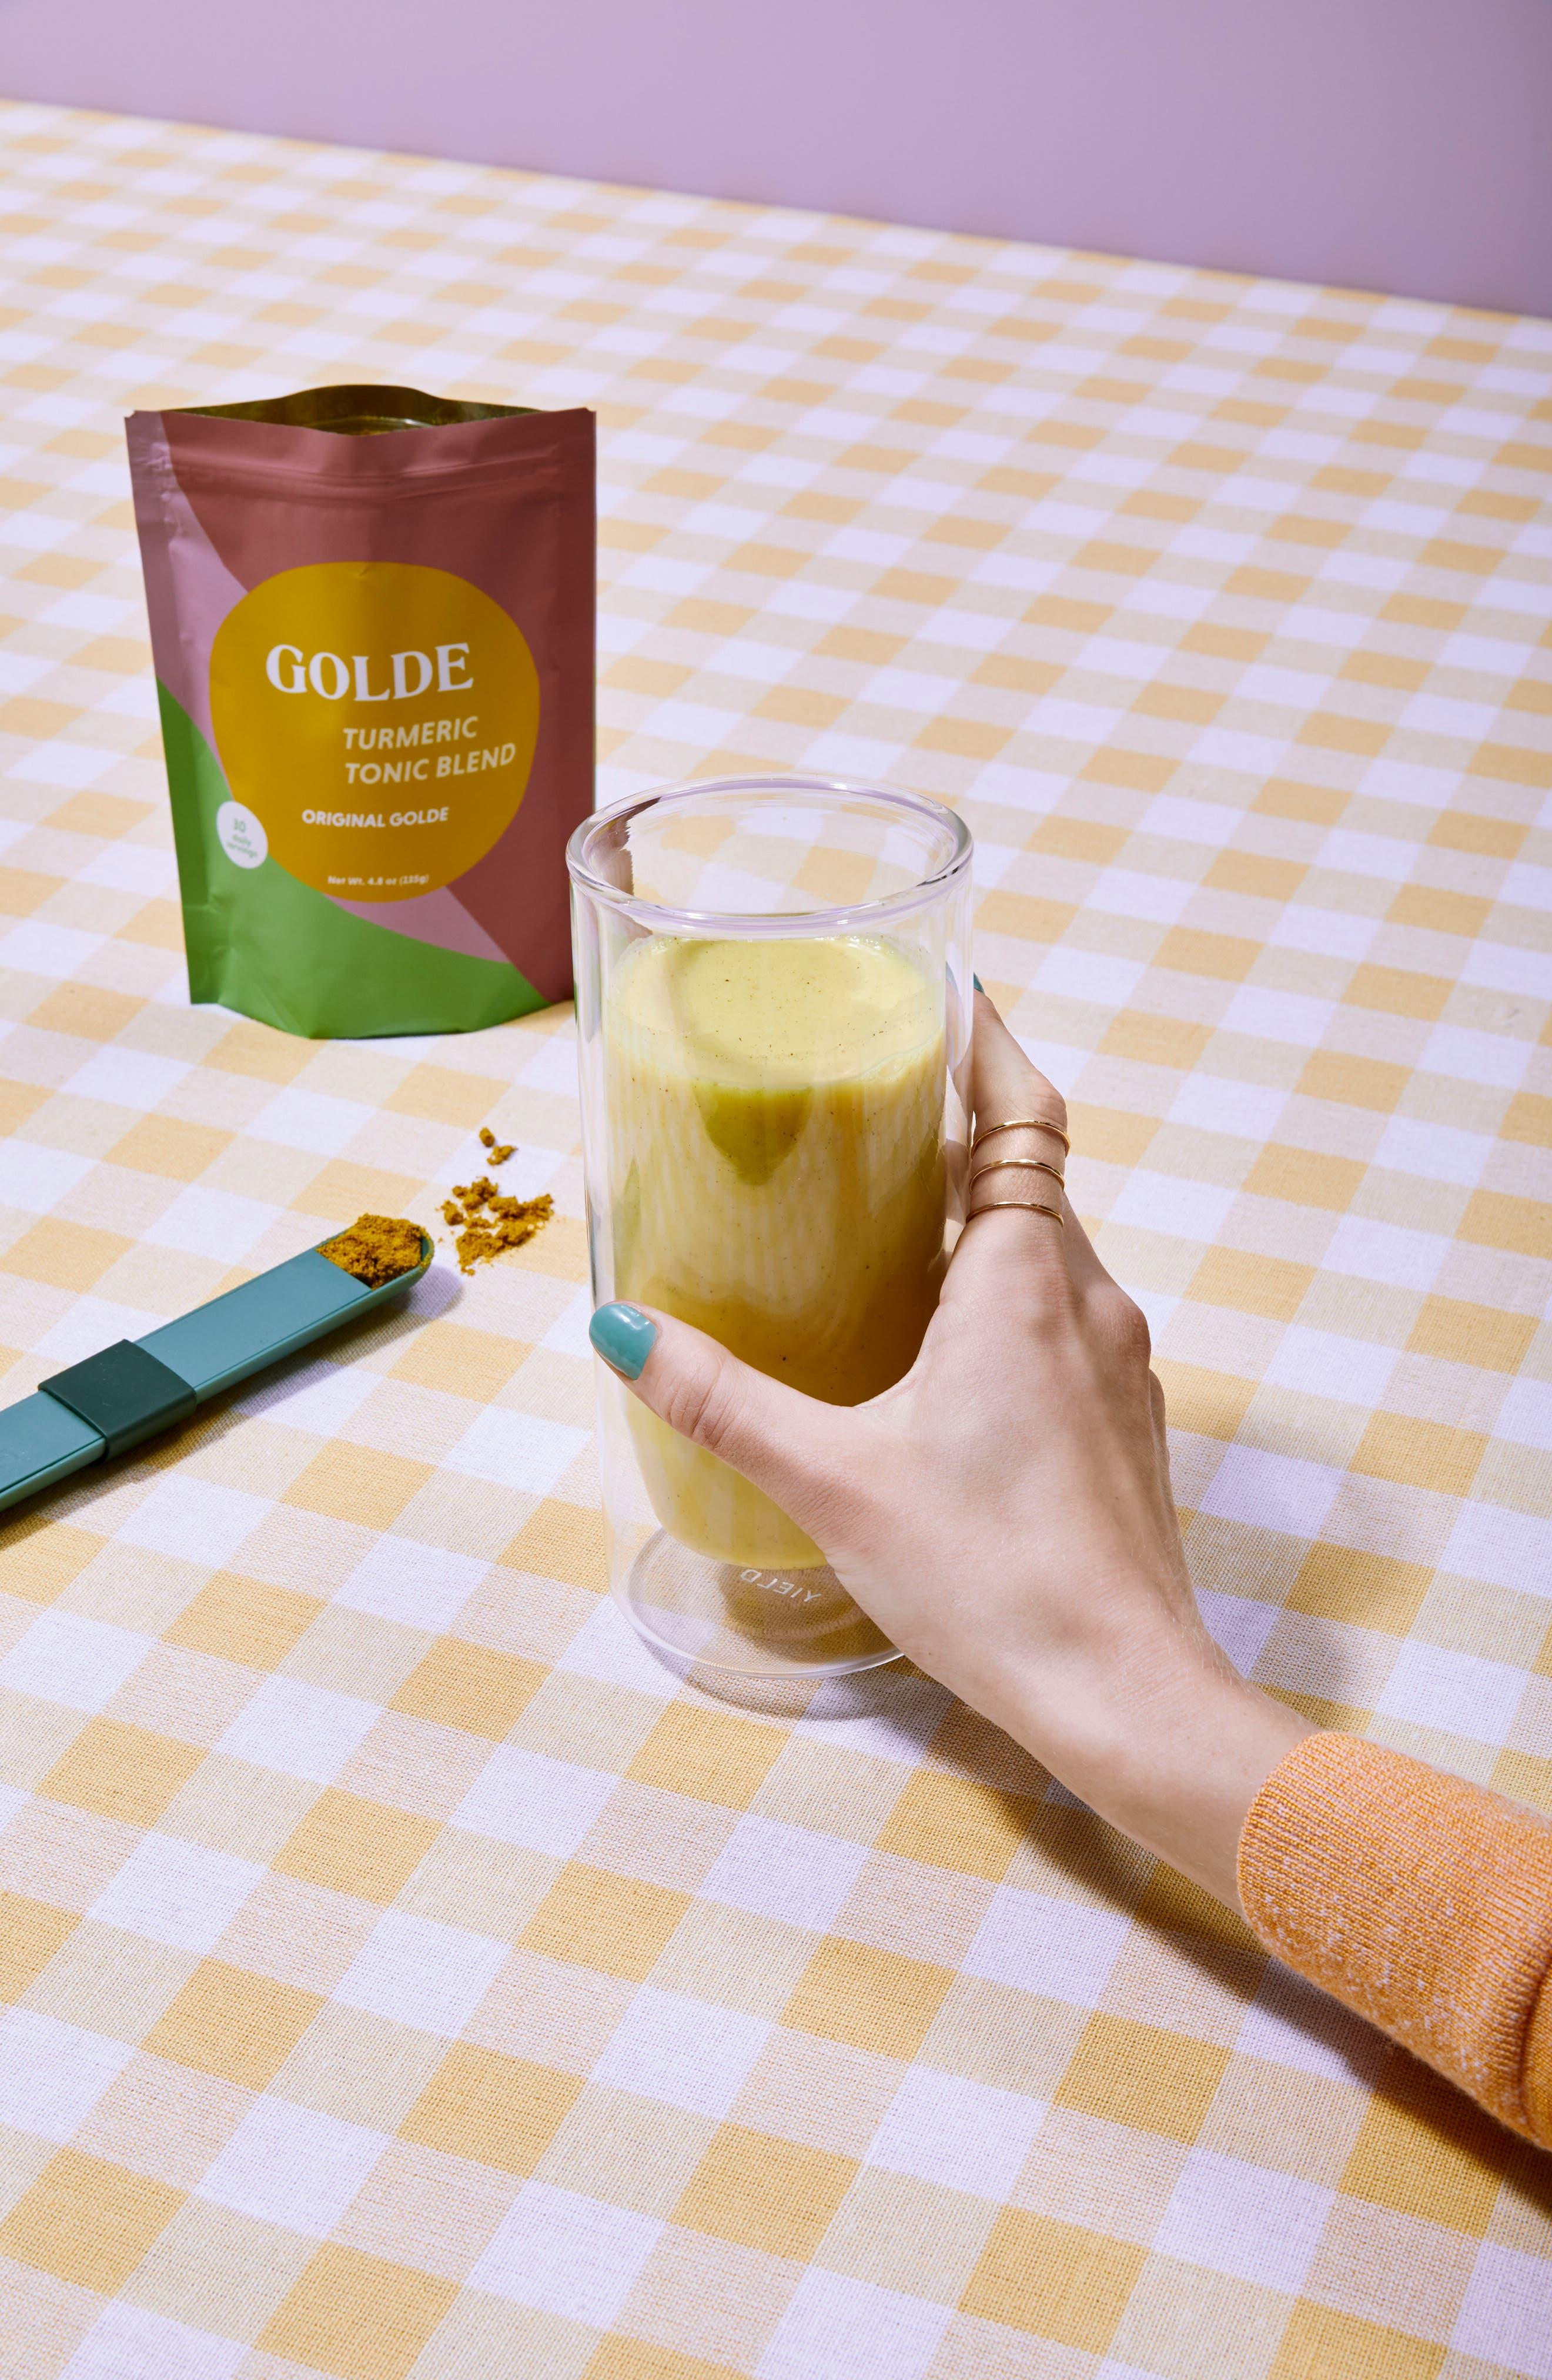 Golde Original Golde Turmeric Tonic Blend,                             Alternate thumbnail 4, color,                             None